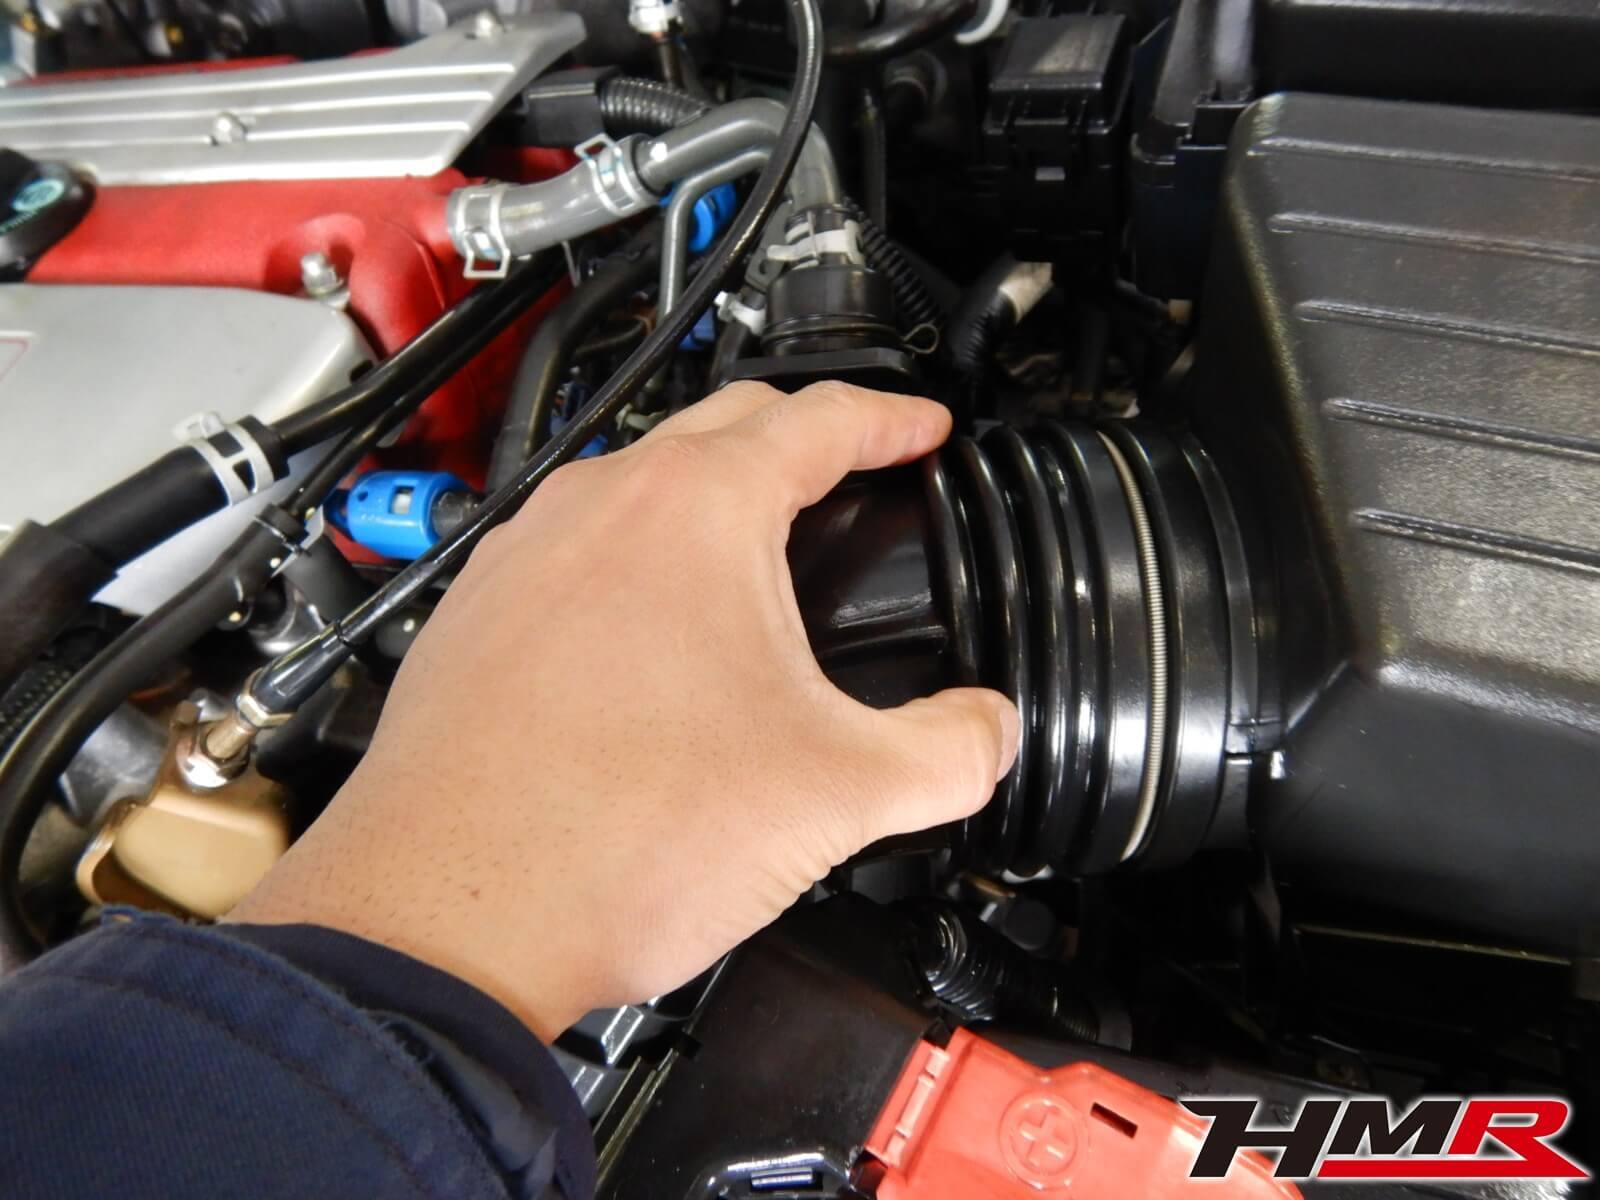 アコードユーロR CL7 エンジンオイル トランスミッションオイル ブレーキフルード 交換